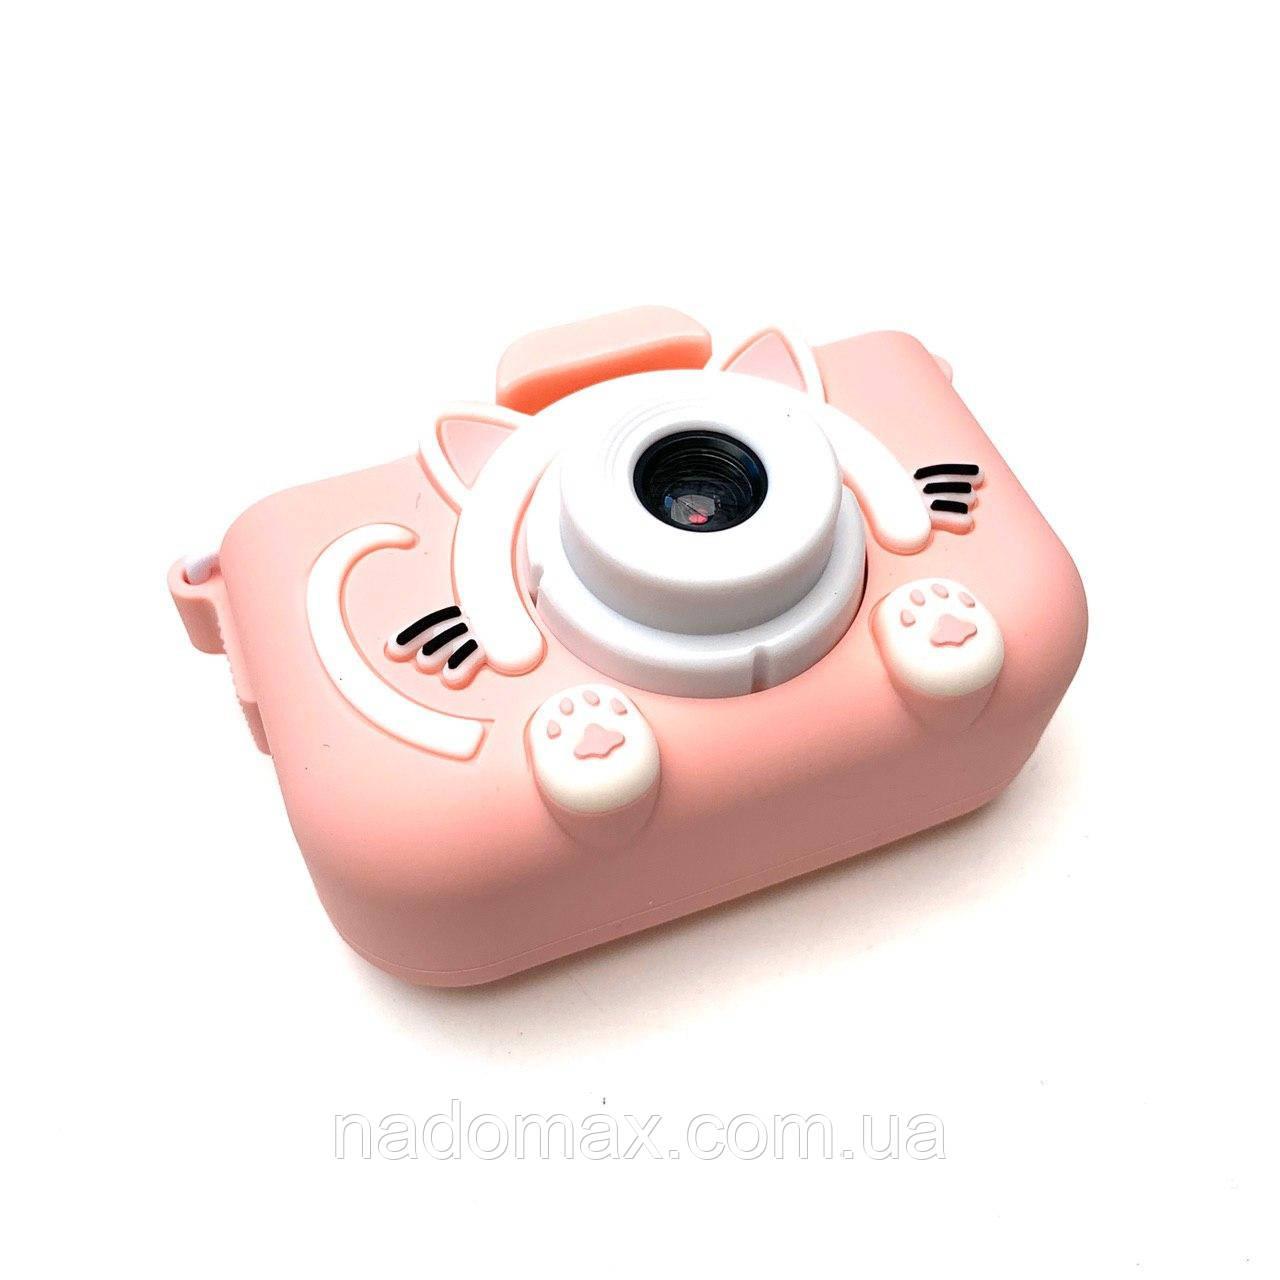 Детский фотоаппарат в чехле+карта памяти 16Gb в подарок